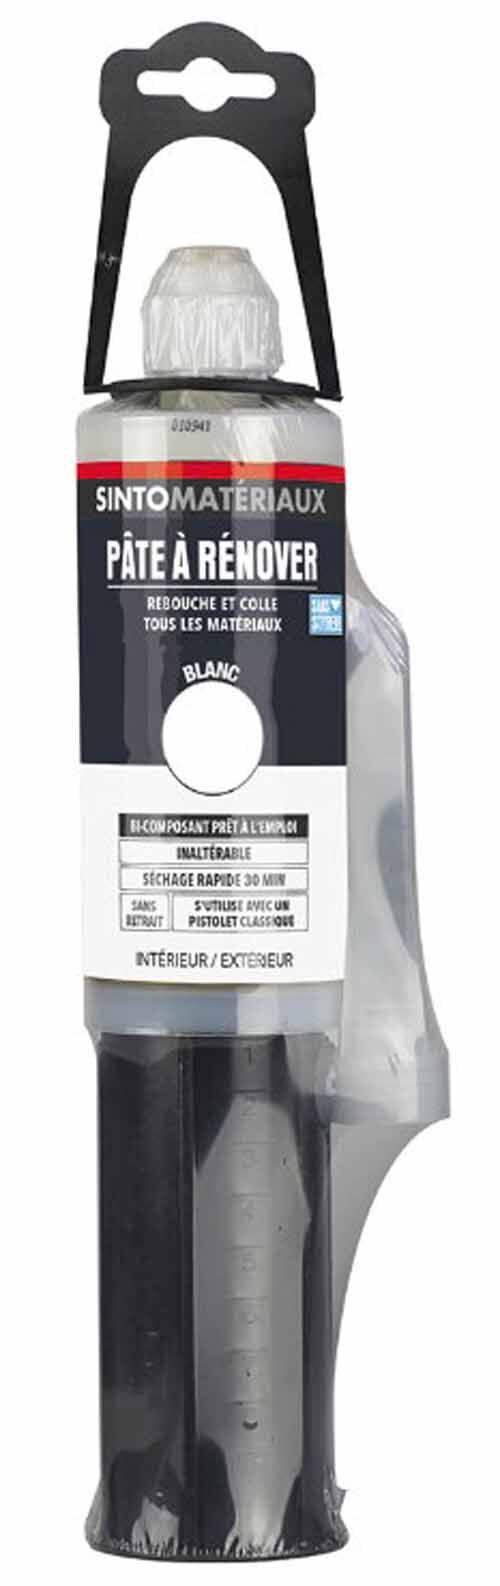 SINTO Pâte à rénover sans styrène + durcisseur - SINTO - 820183